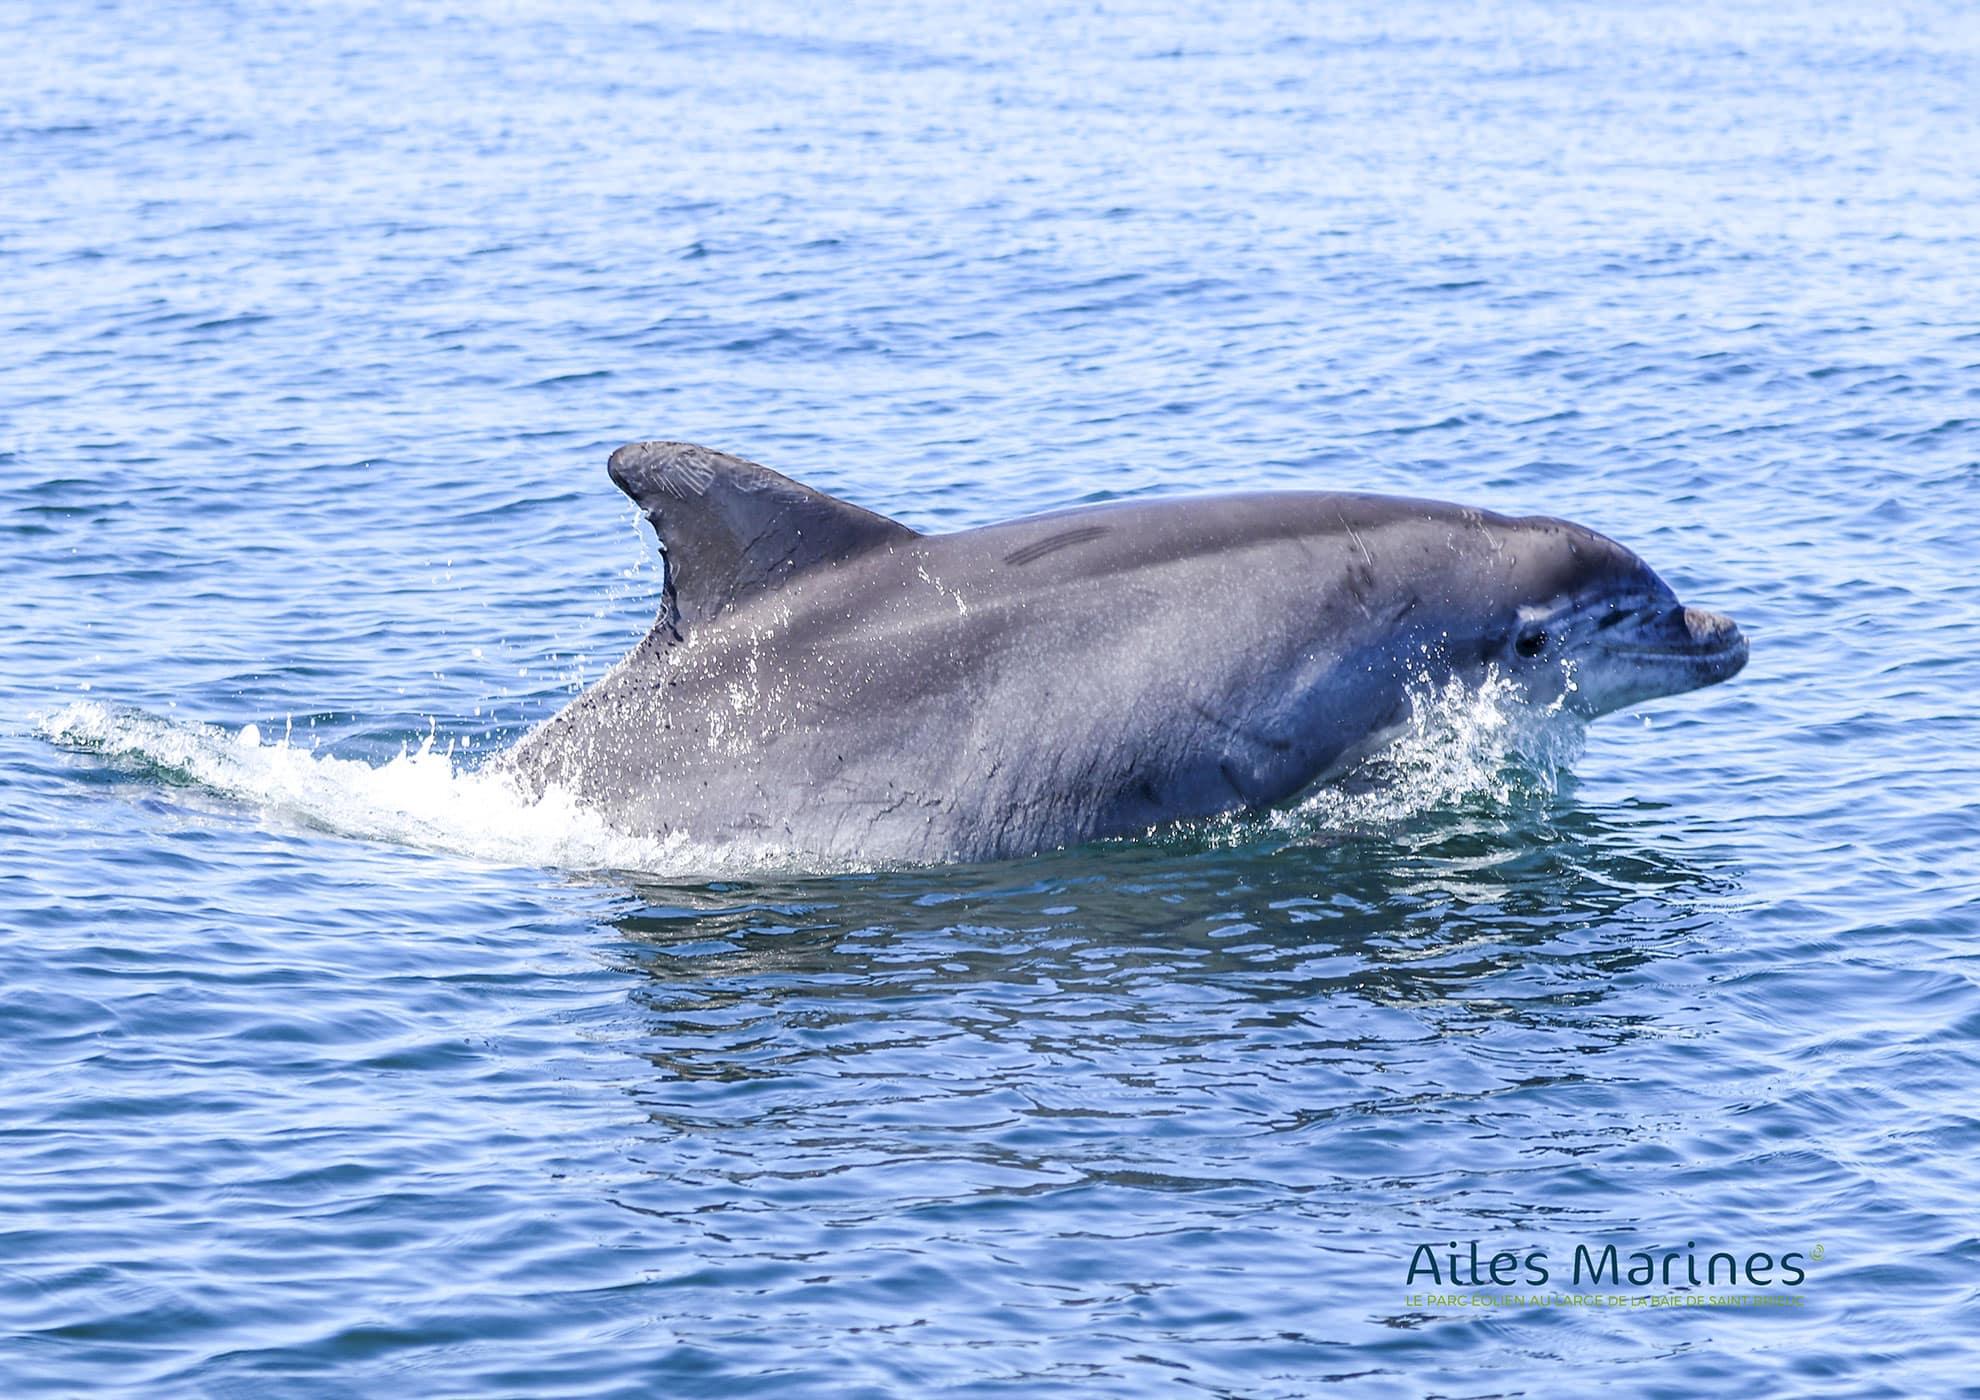 ailes-marines-dauphin-sautant-hors-de-l-eau